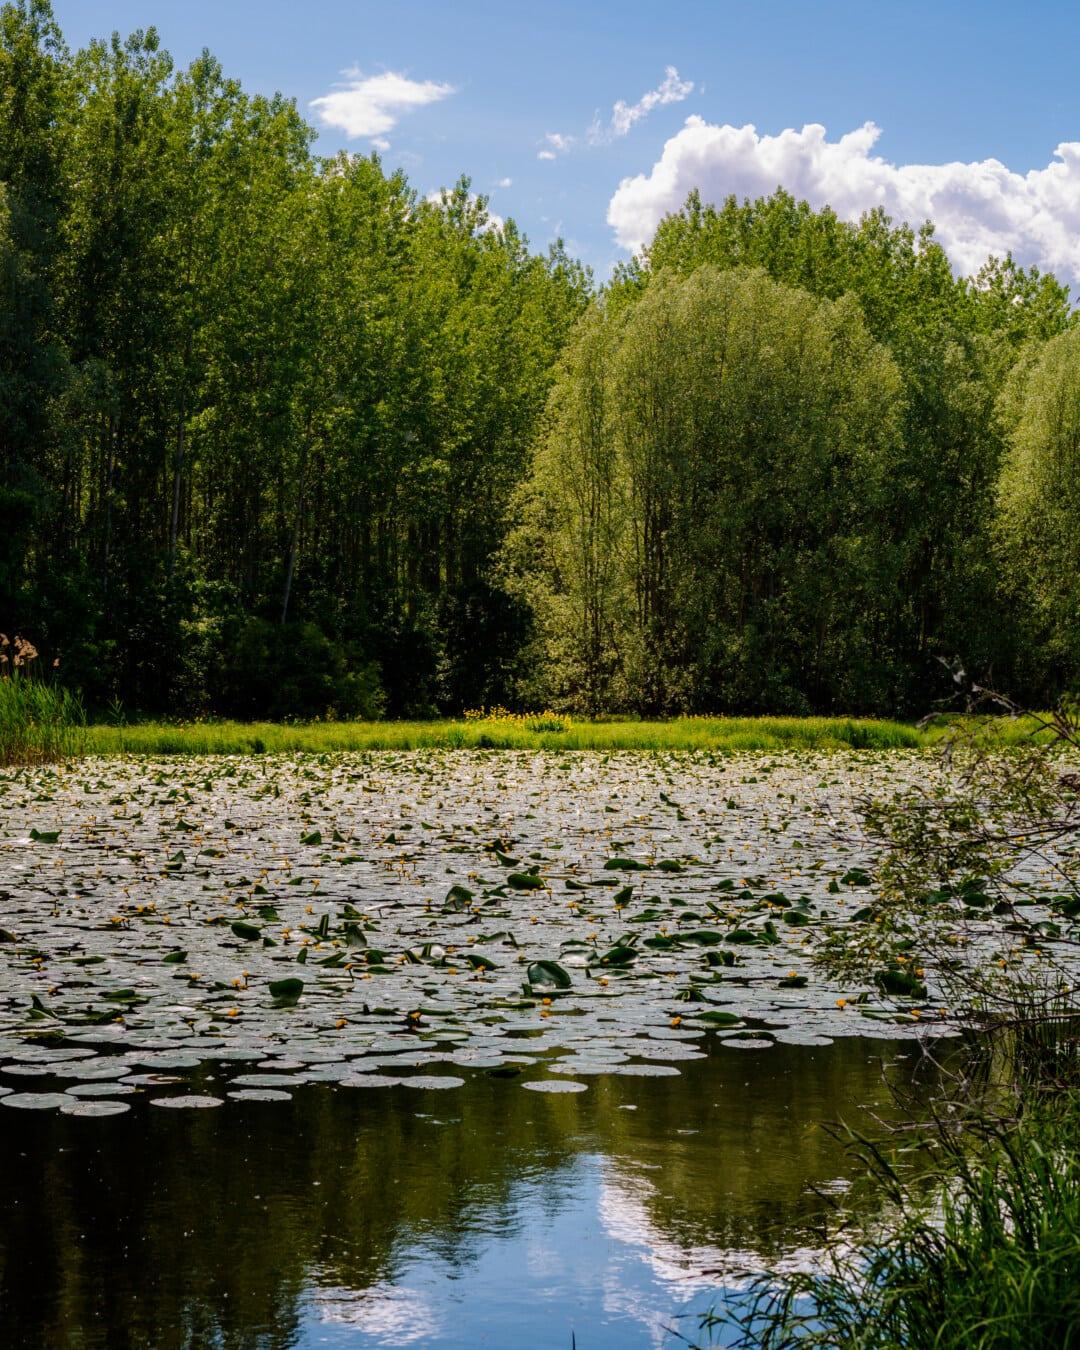 늪지대, 자연 서식 지, 수련, 수생 식물, 수생, 생태계, 풍경, 물, 호수, 토지